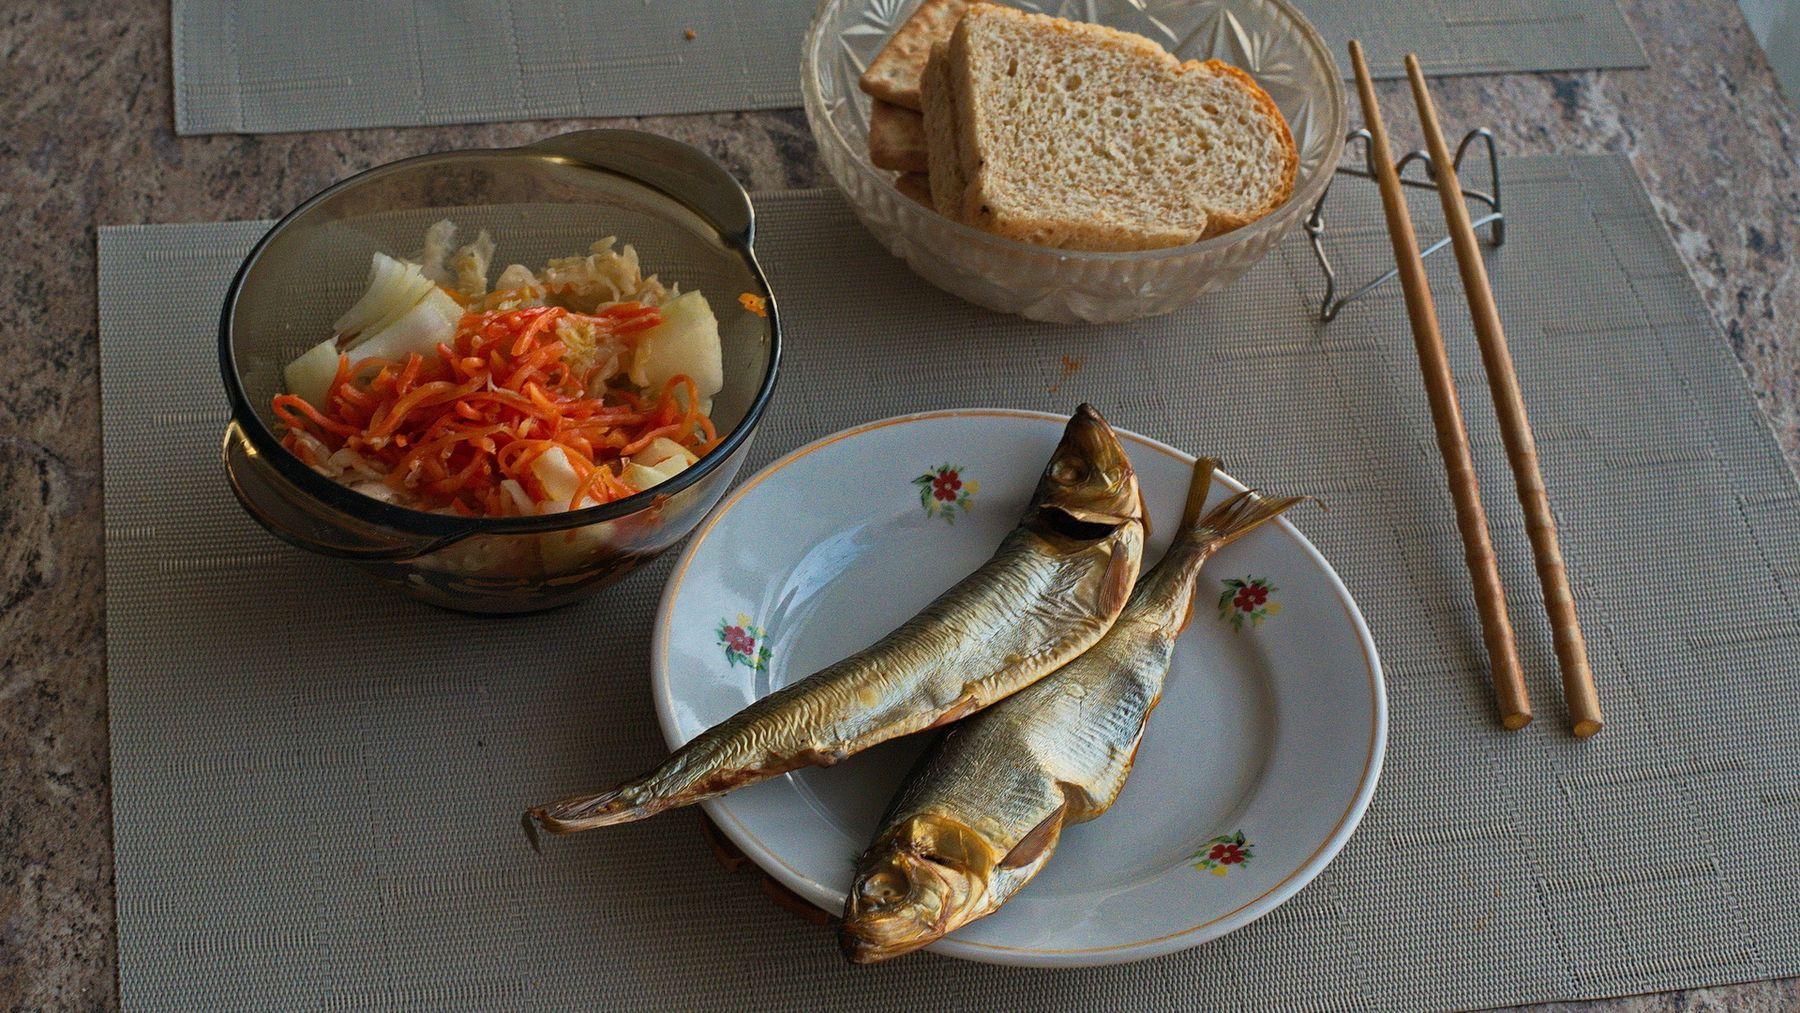 Салака на ужин. still life Herring dinner Vladimir Pochtarev нарюрморт Салака ужин